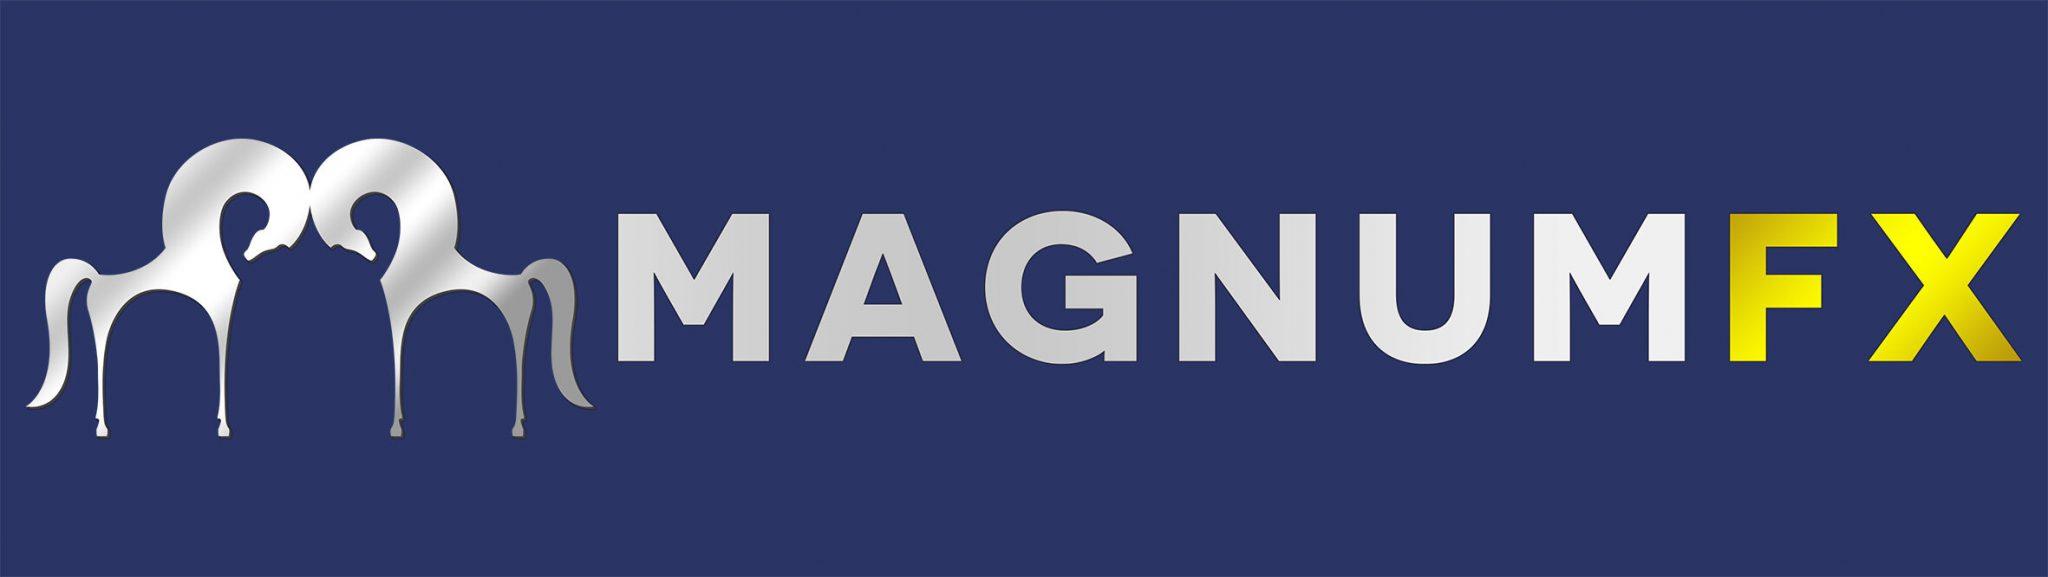 MagnumFX